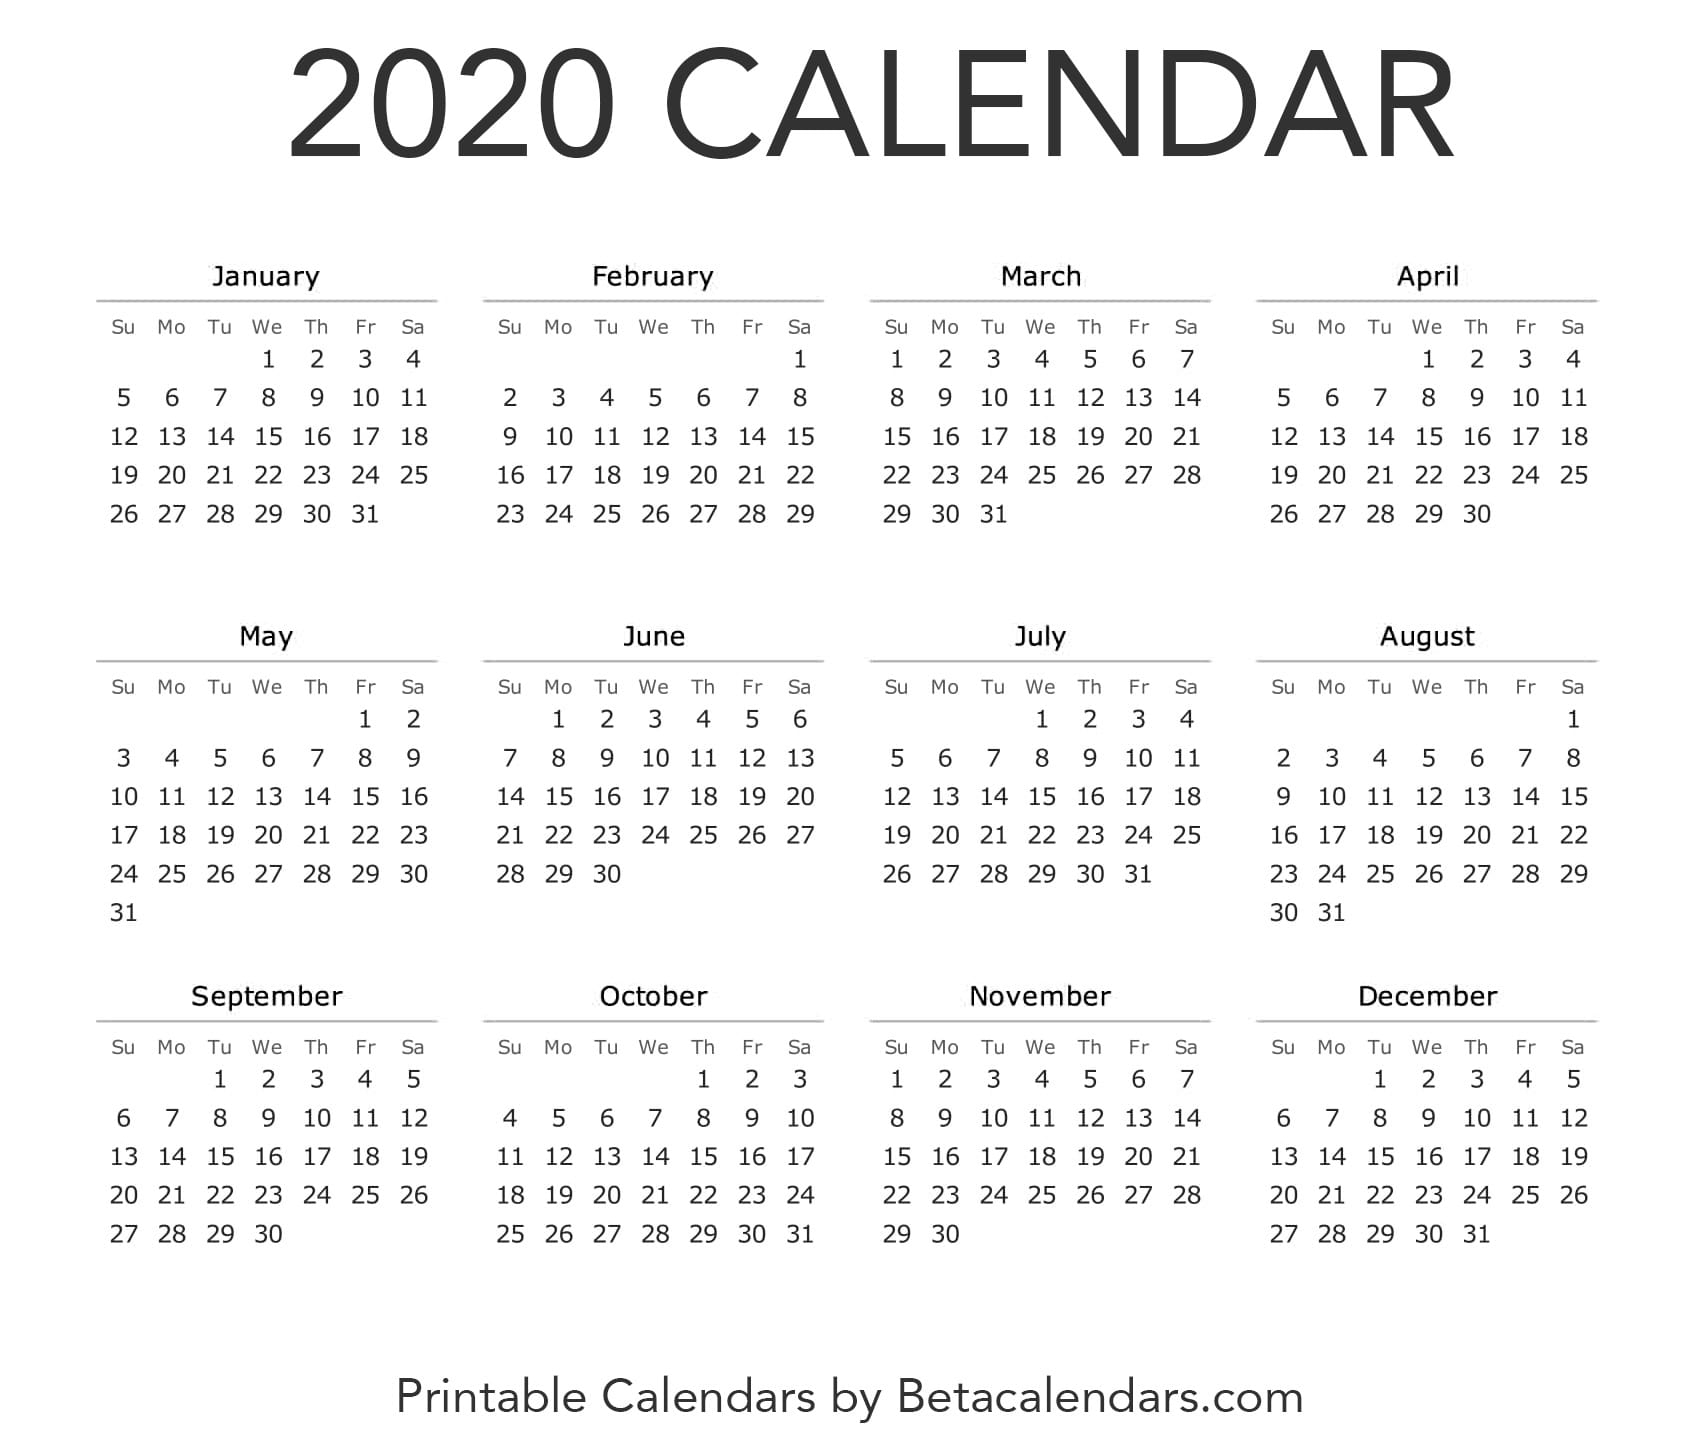 2020 Calendar (Basketbol)